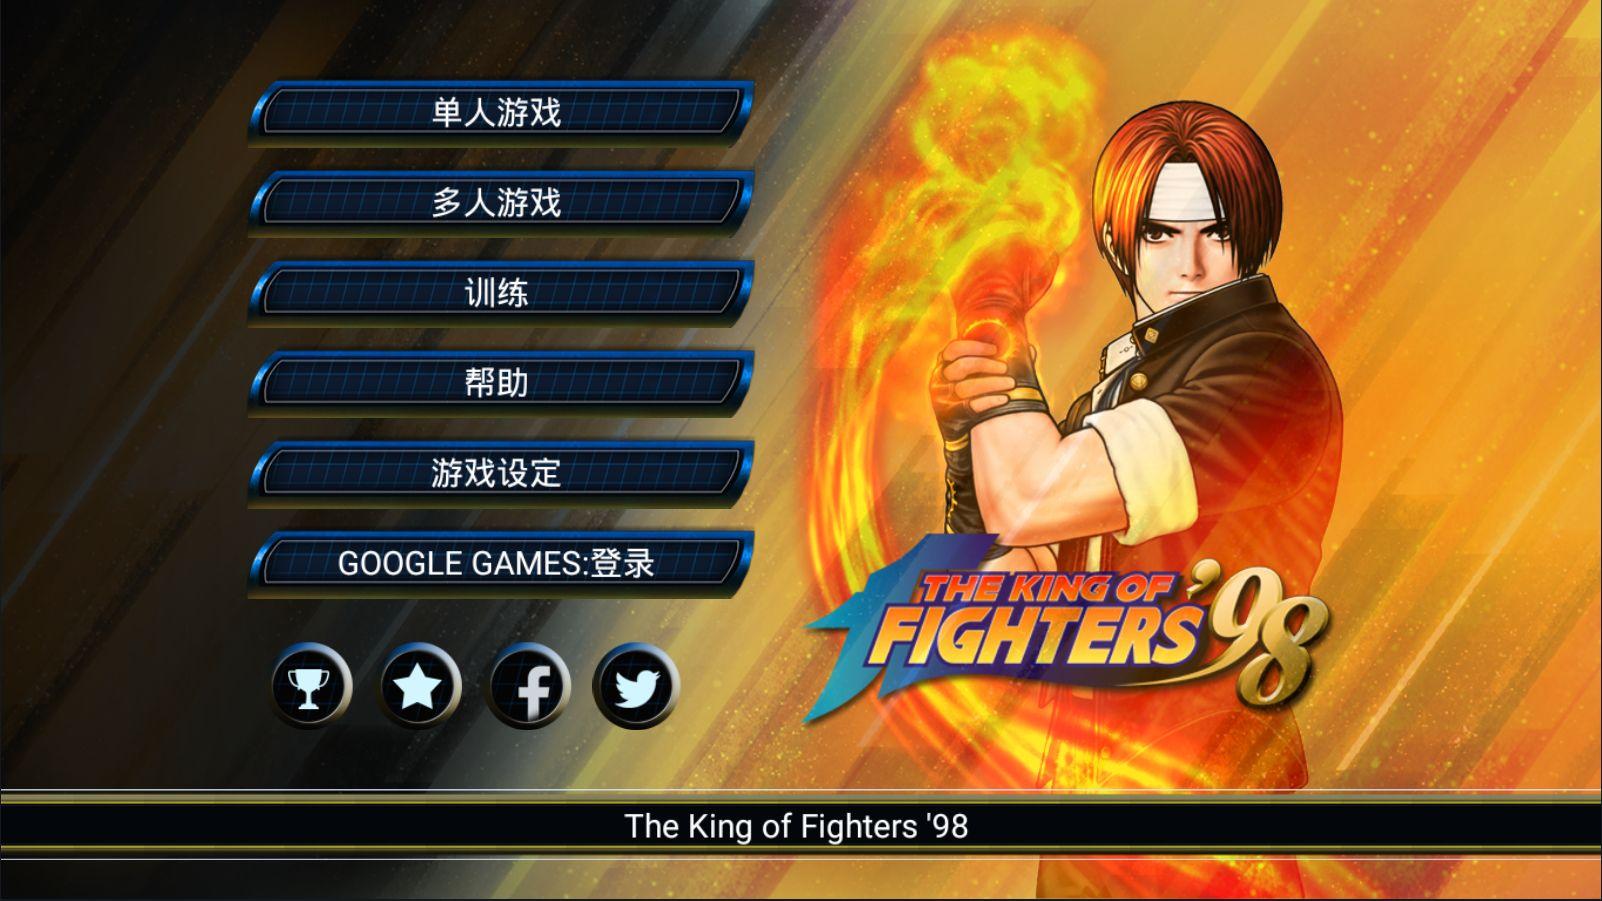 拳皇98操作秘笈:梦之战斗永不结束,手机上也能疯狂连段,畅快对战!